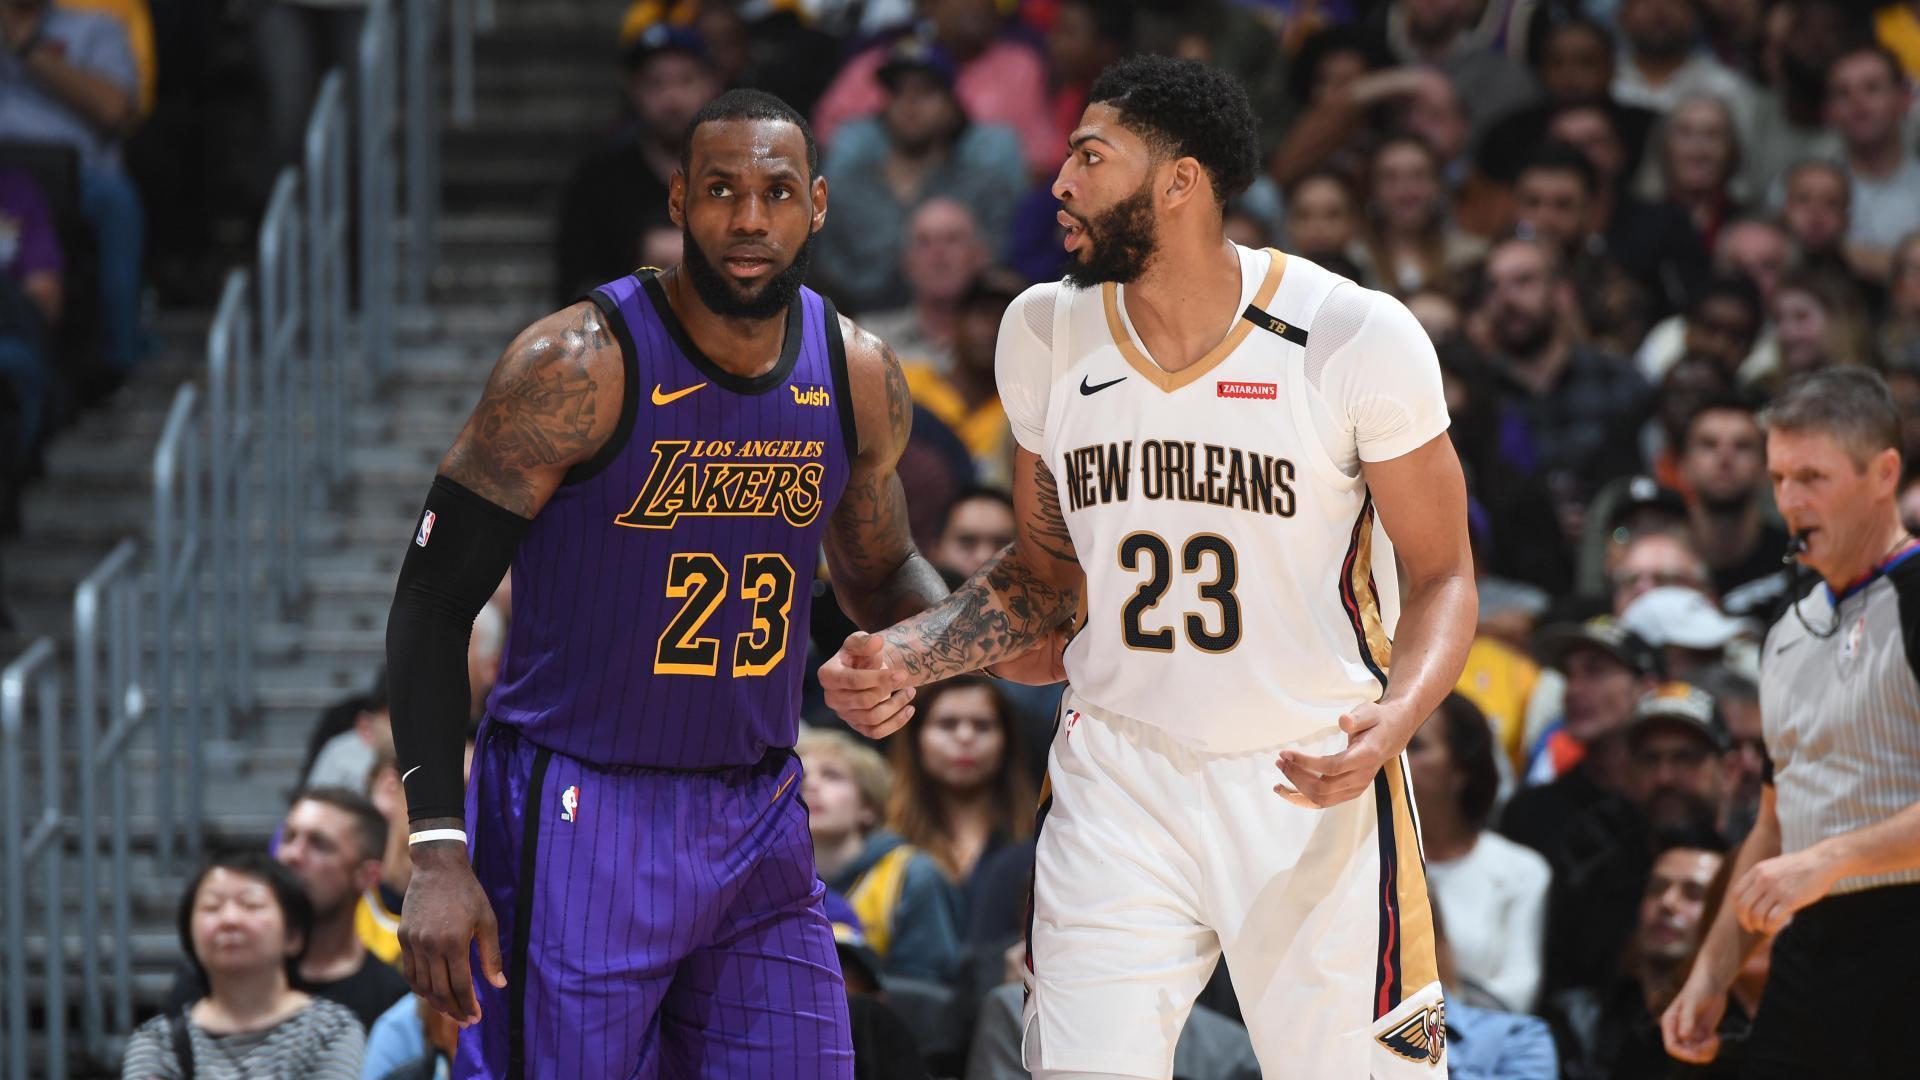 Report: LeBron won't swap off No. 23 until 2020-21 season   NBA.com